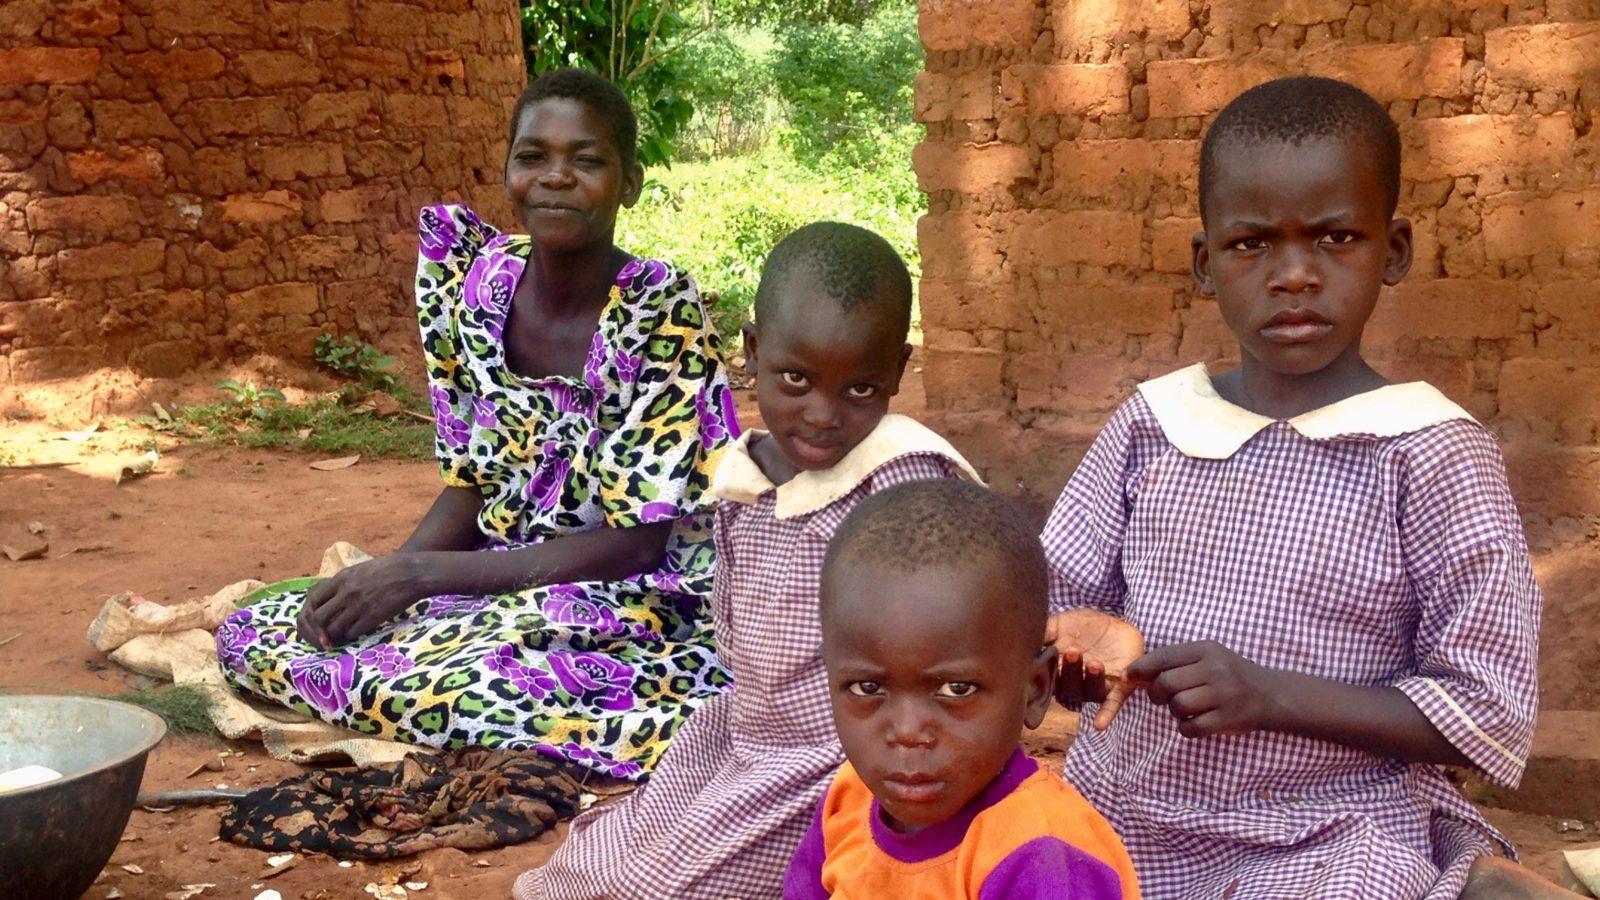 rachel kisakye and children overcoming water poverty in uganda